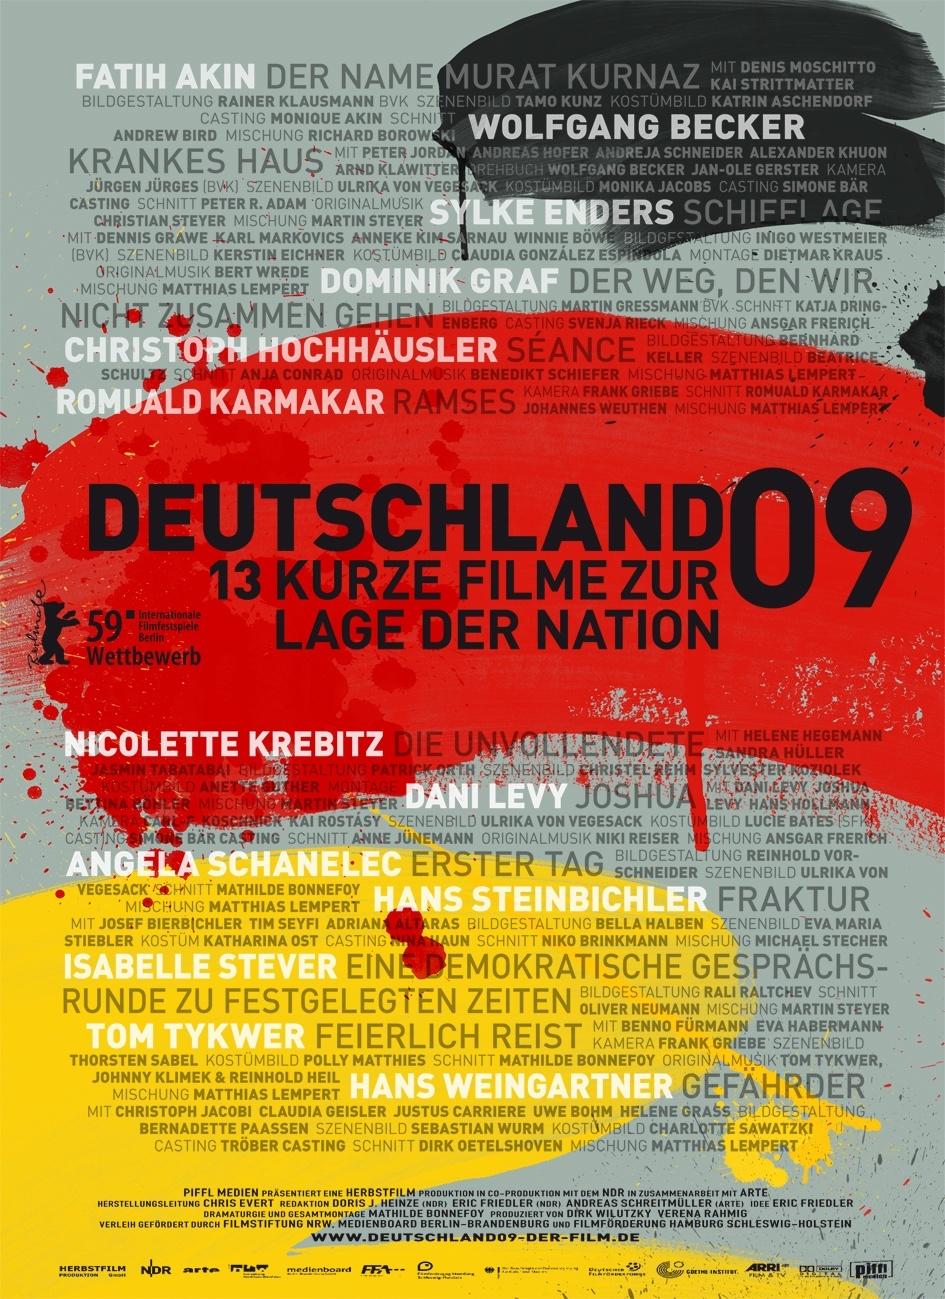 DEUTSCHLAND 09 – 13 kurze Filme zur Lage der Nation